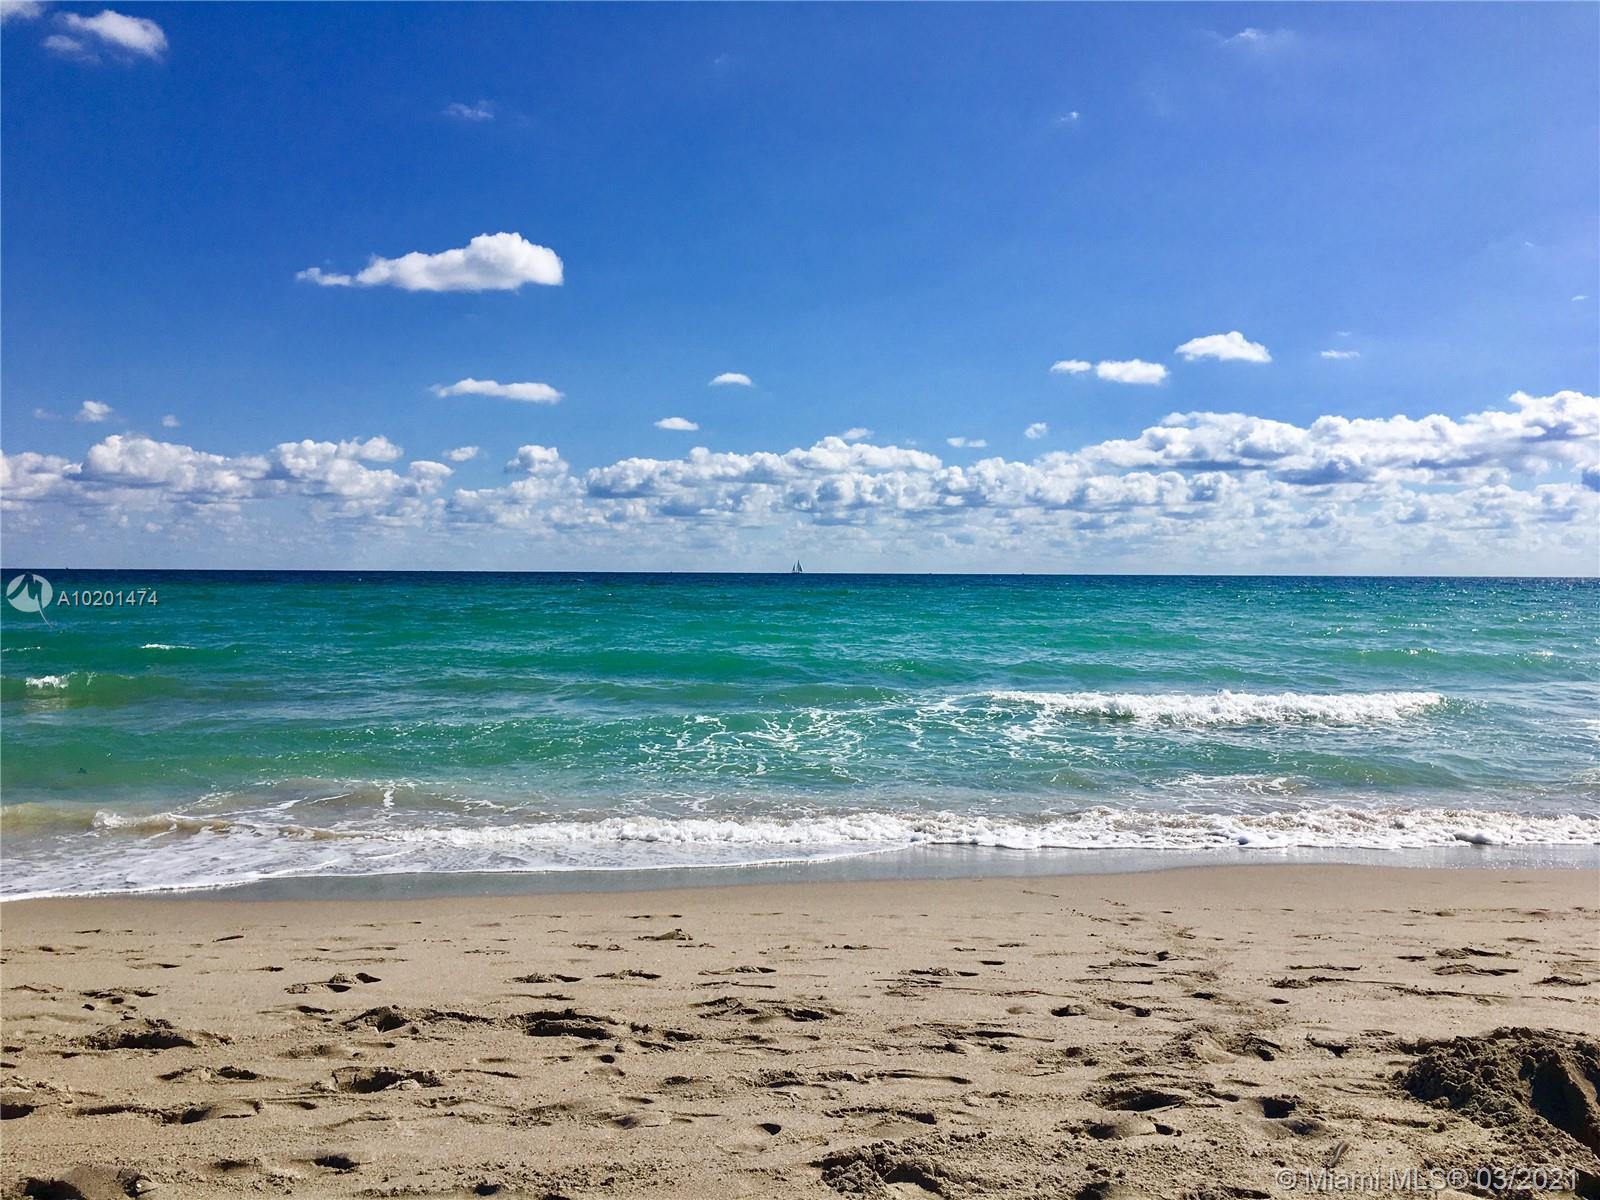 495 Ocean blvd, Golden Beach, Florida 33160